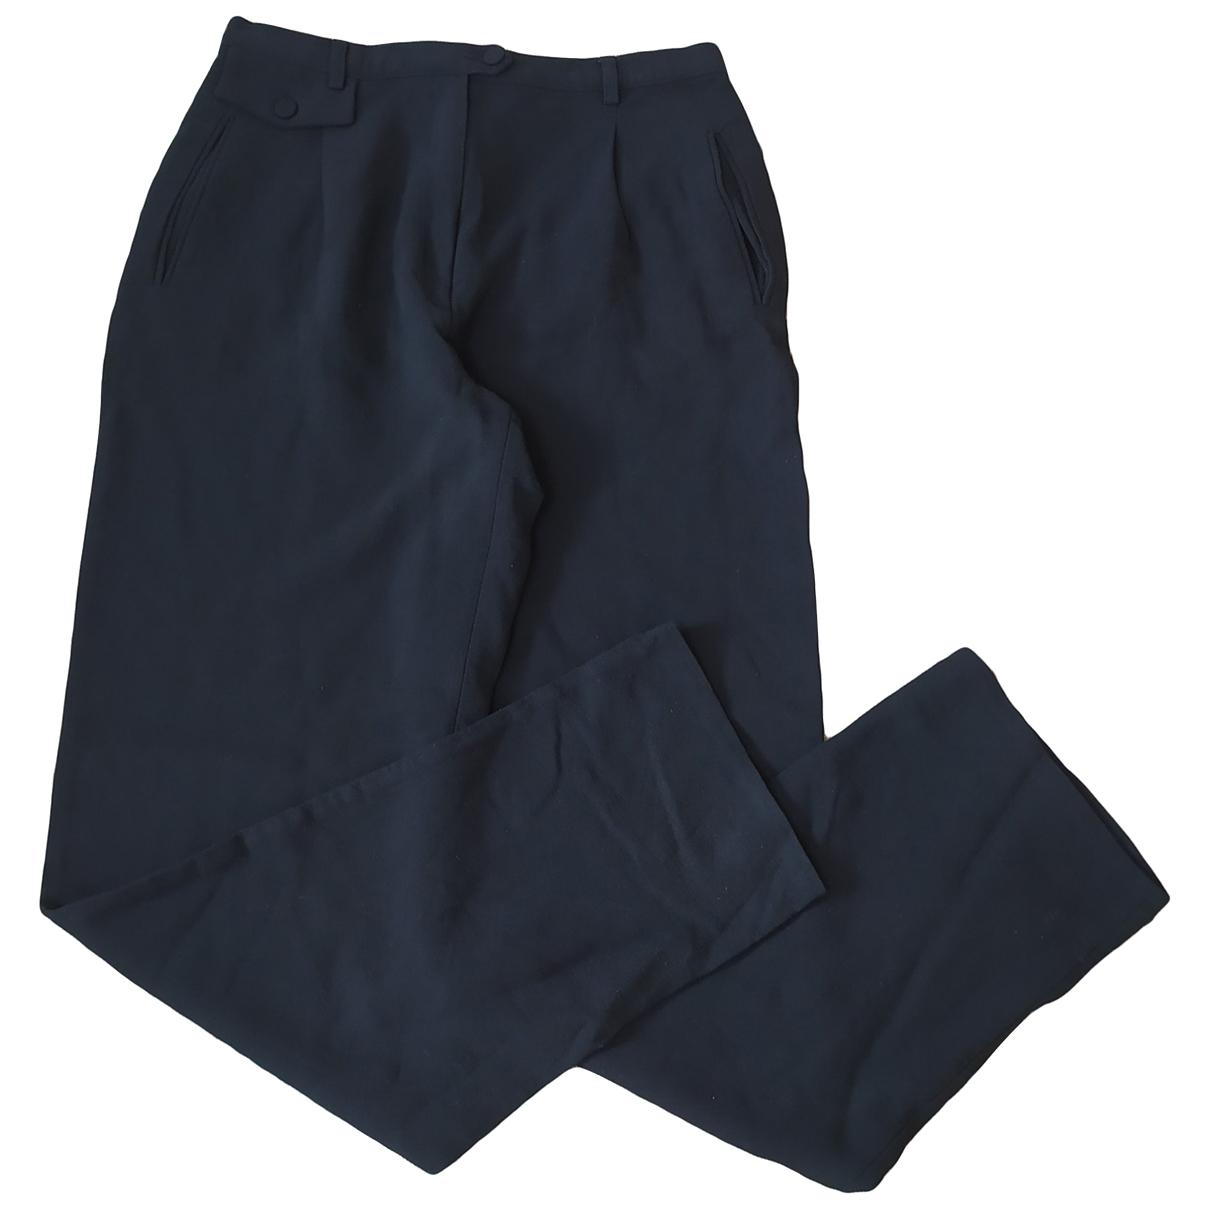 Pantalon largo de Lana Emporio Armani